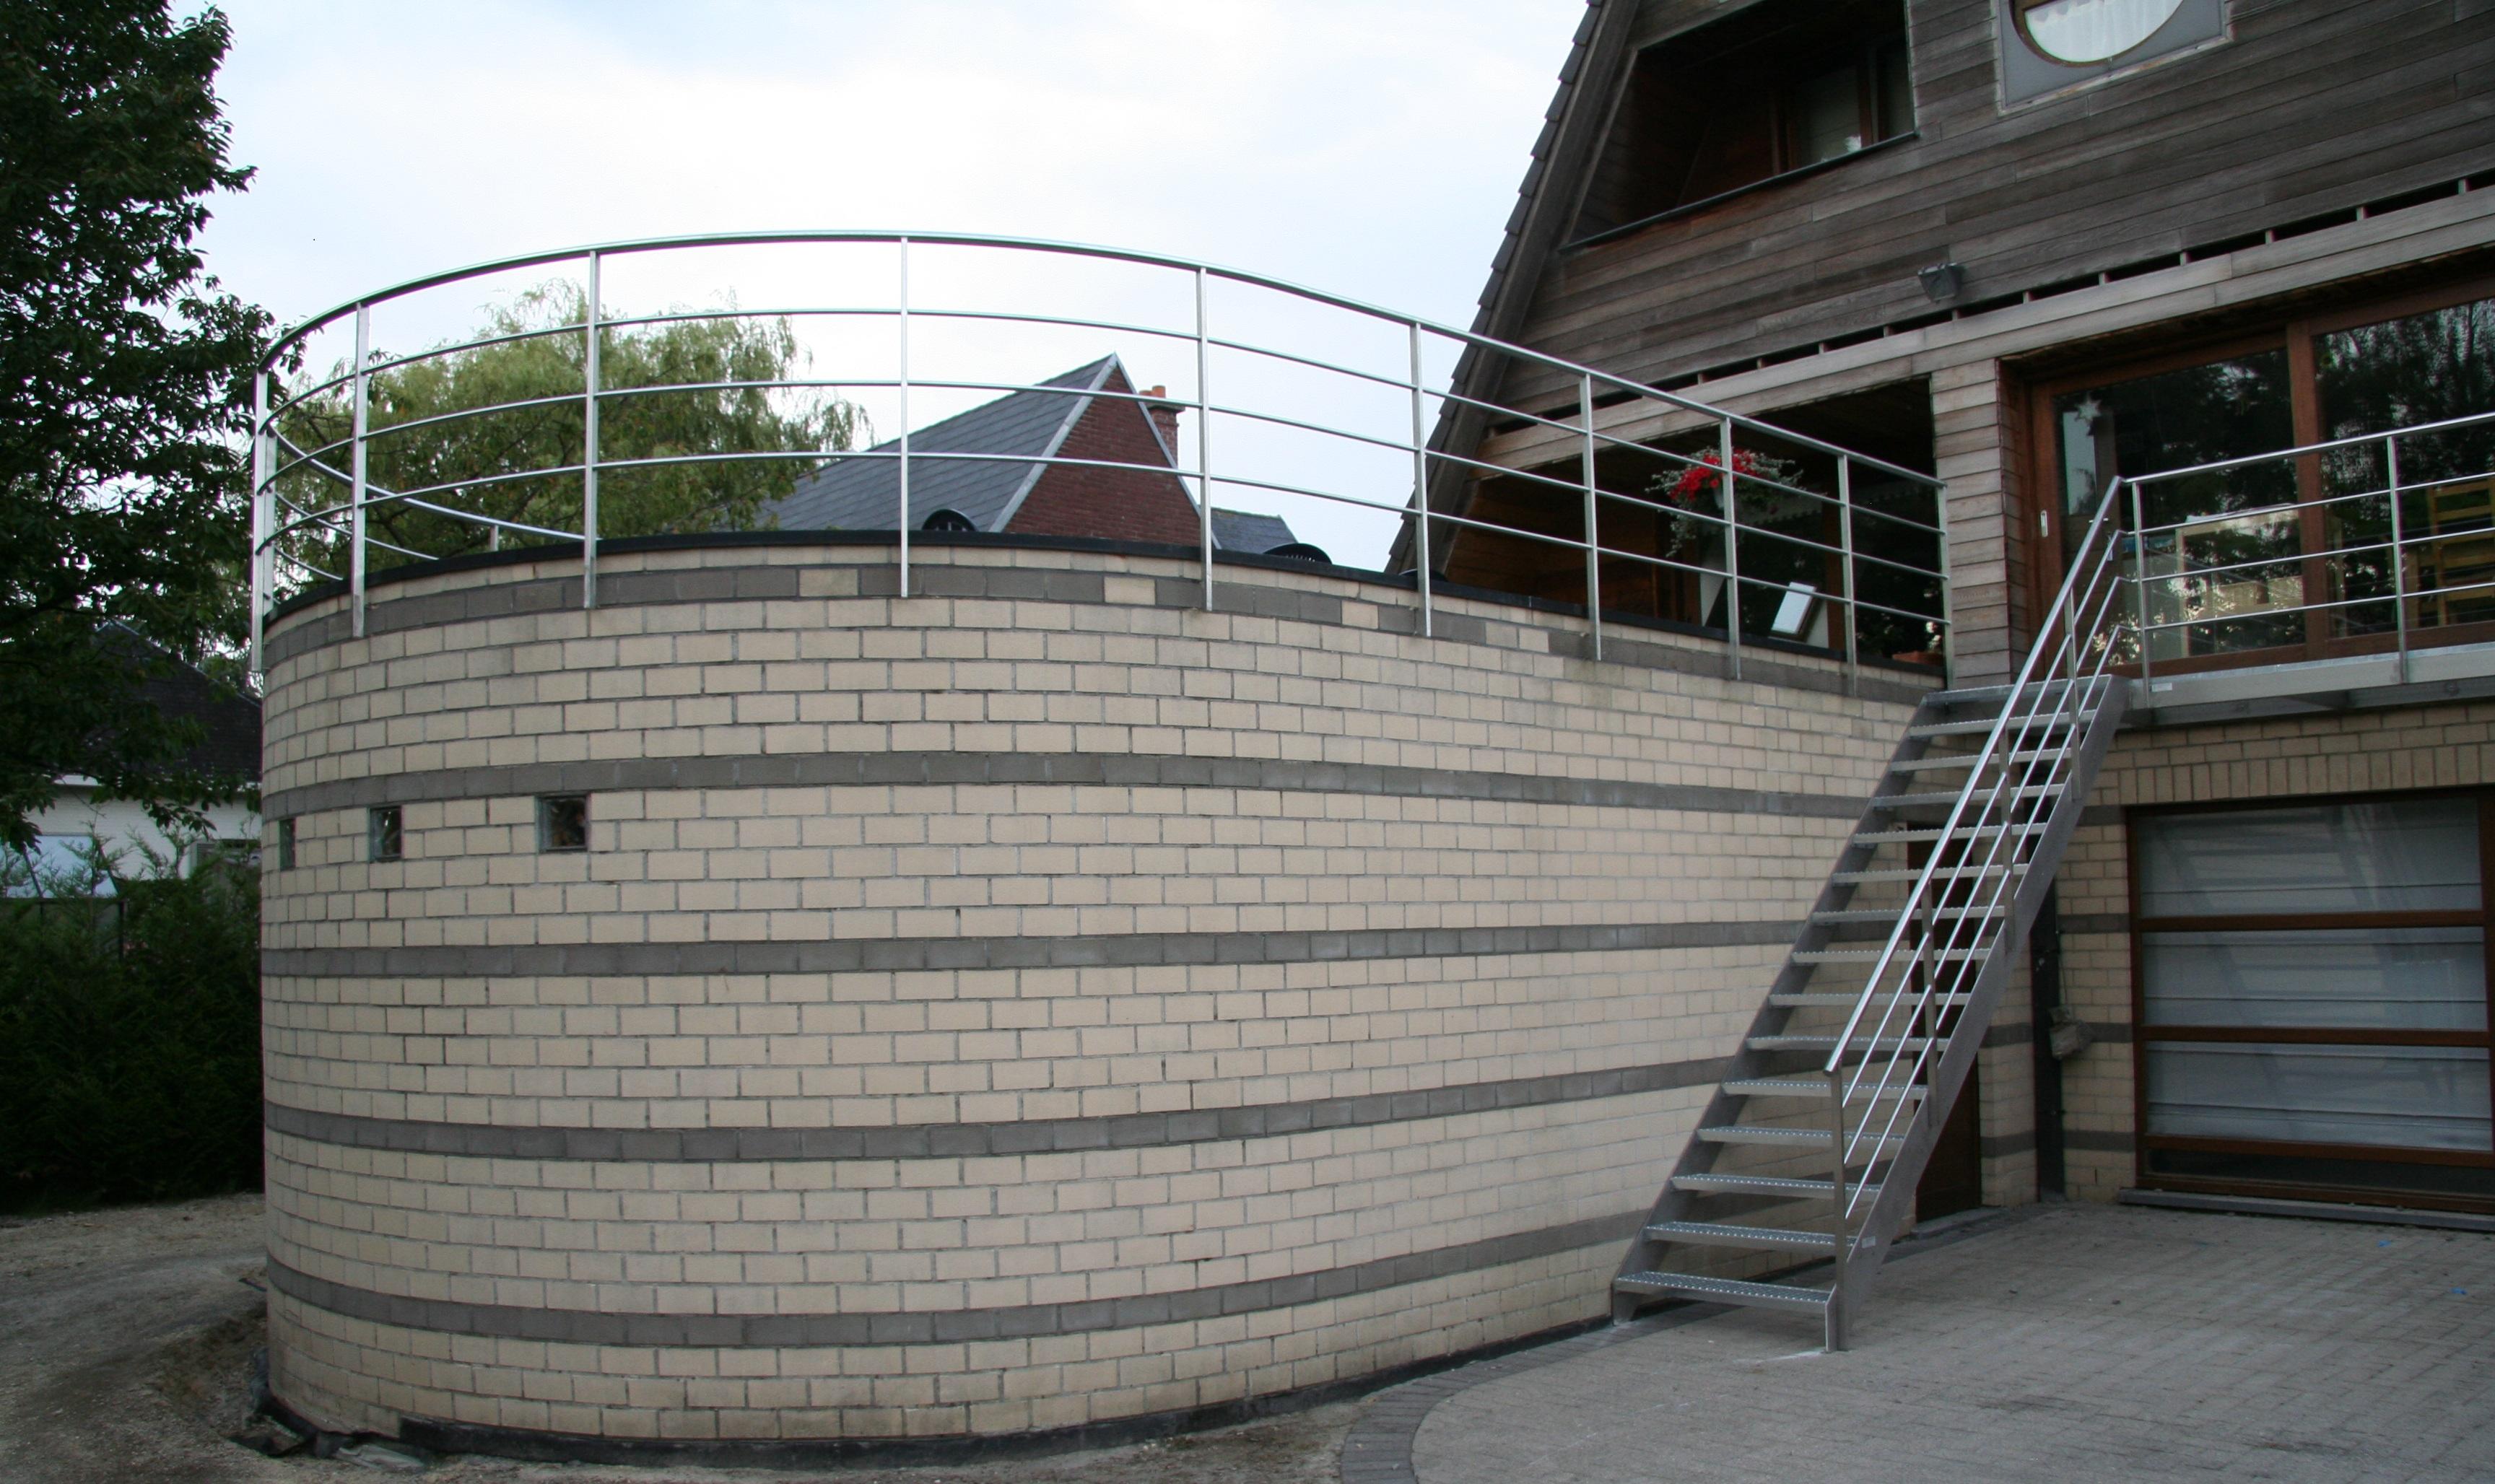 inox buitentrap met inox balustrades